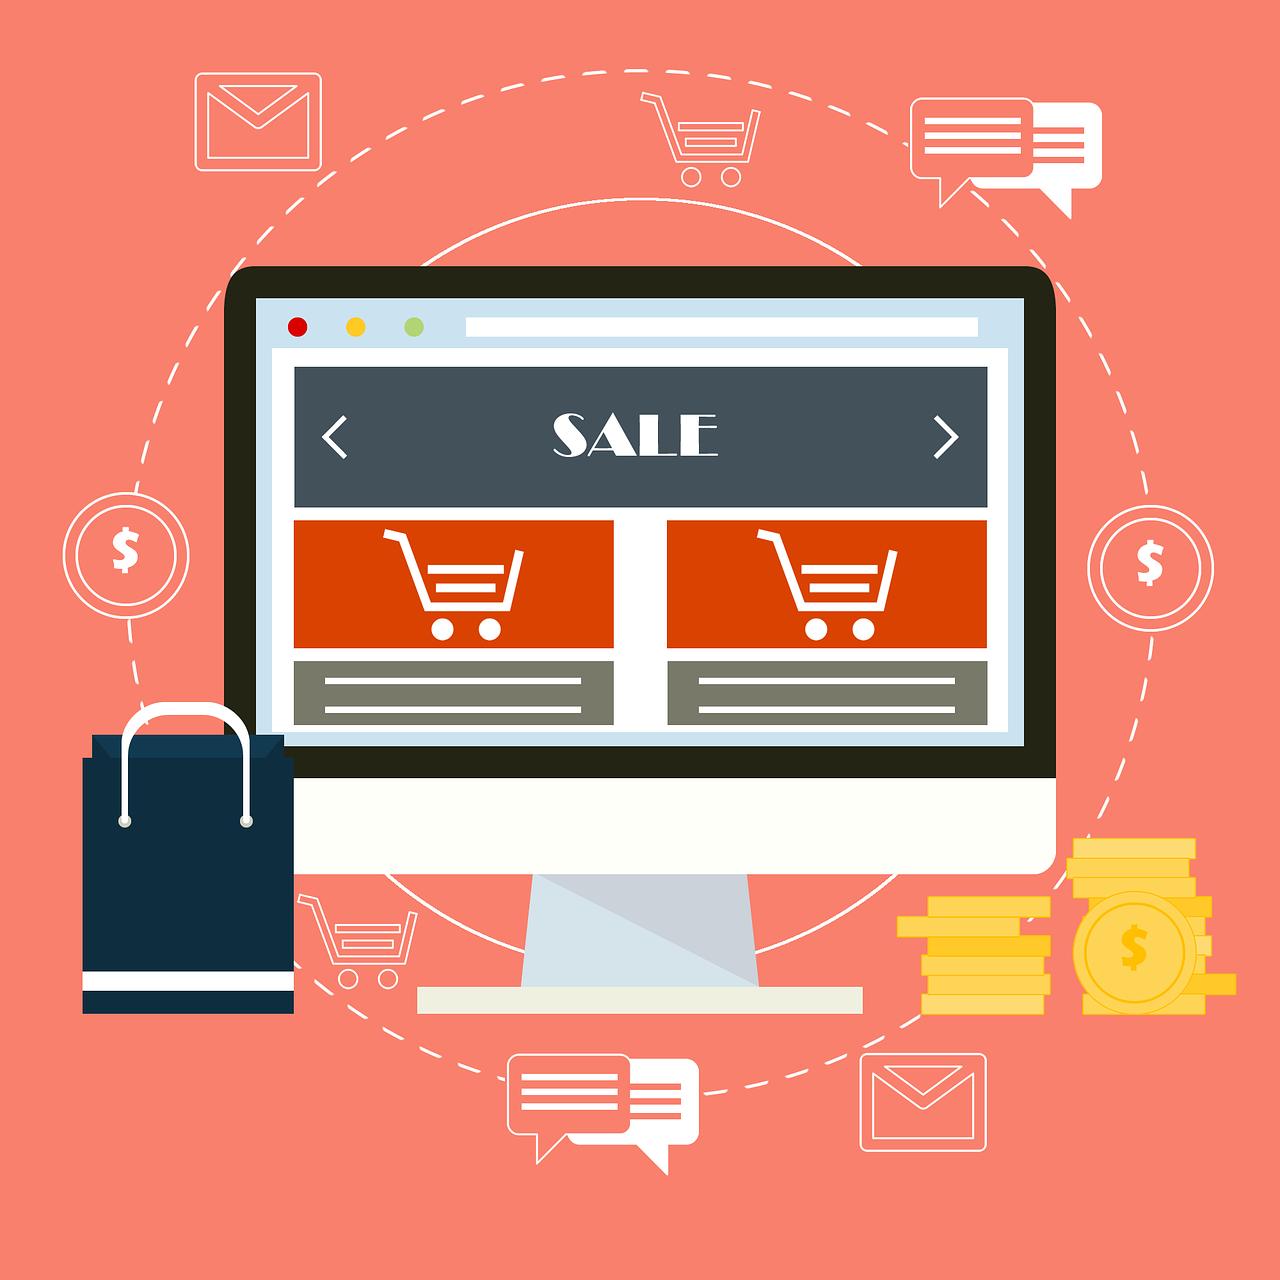 Jak sprzedawać bardziej efektywnie?